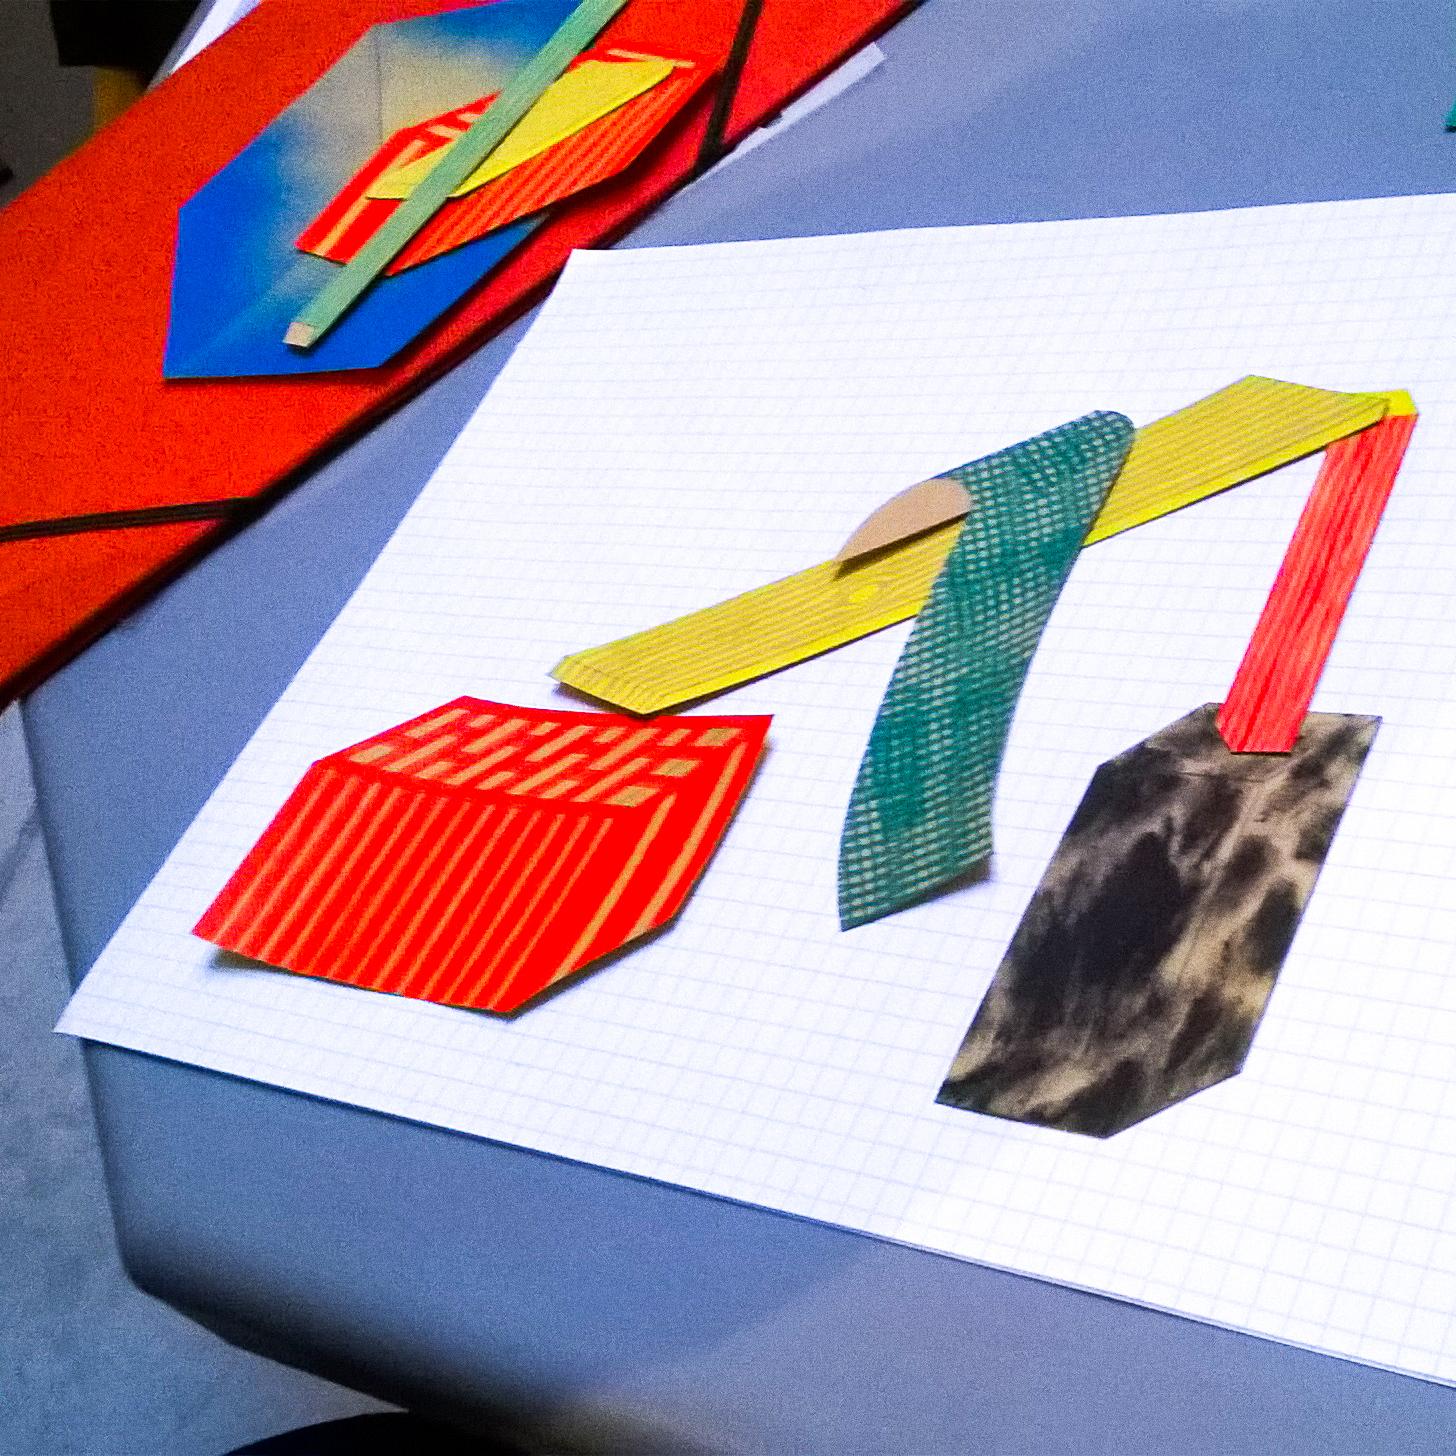 Premiers éléments du projet Cabanes, Aurélien Débat, 2014